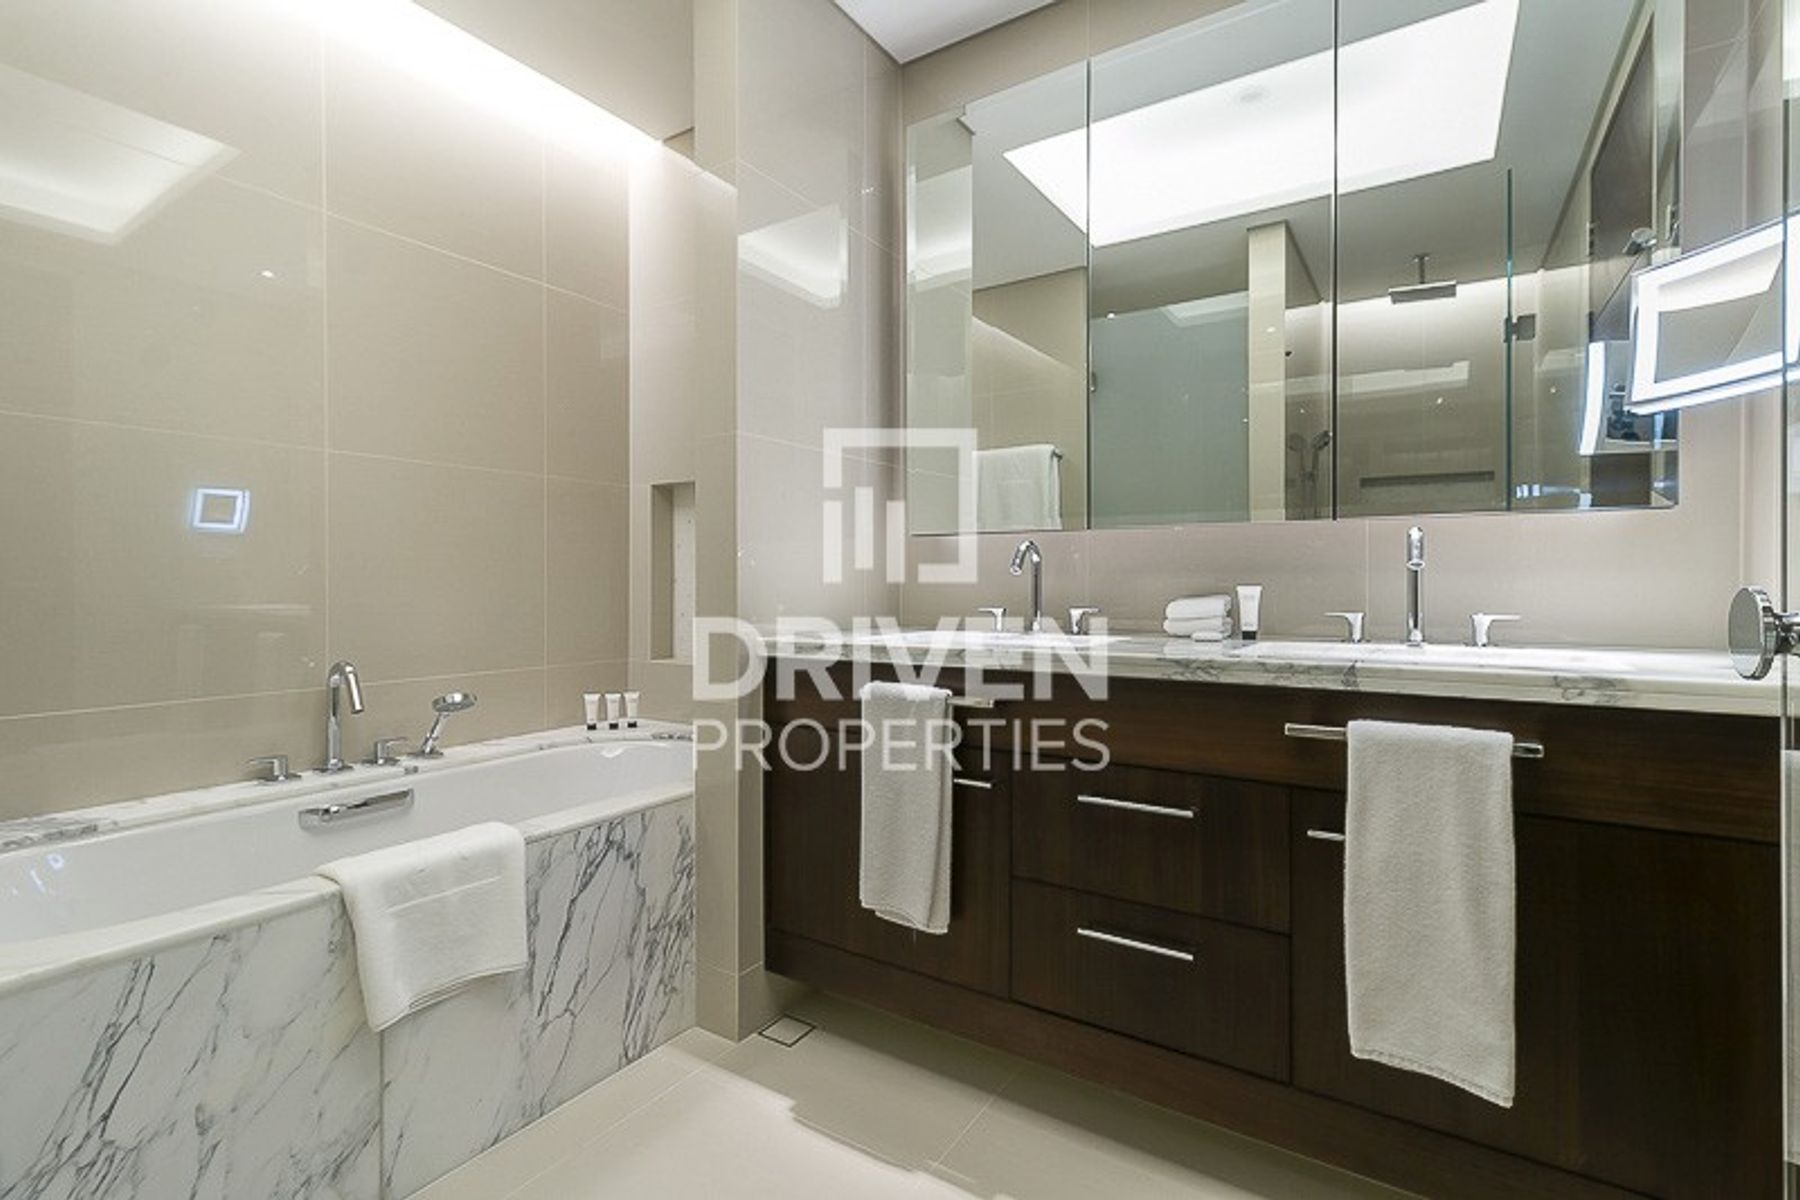 للايجار - شقة - 1 فندق العنوان-سكاي فيو - دبي وسط المدينة